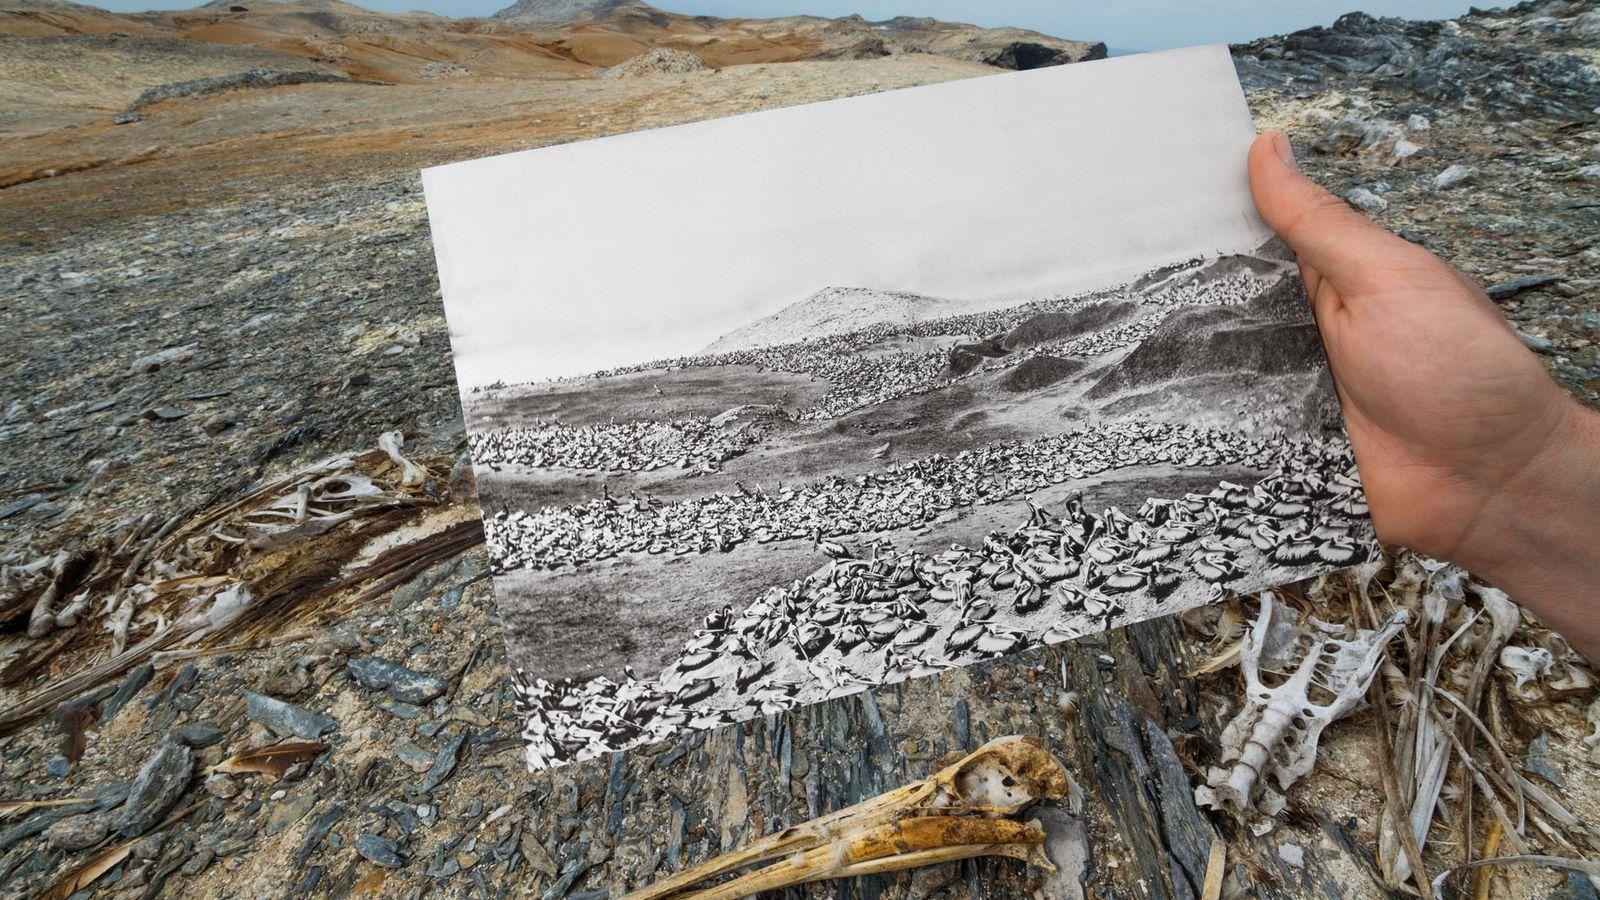 Sur les îles péruviennes Lobos de Afuera, un siècle de récolte du guano, de surpêche, puis ...